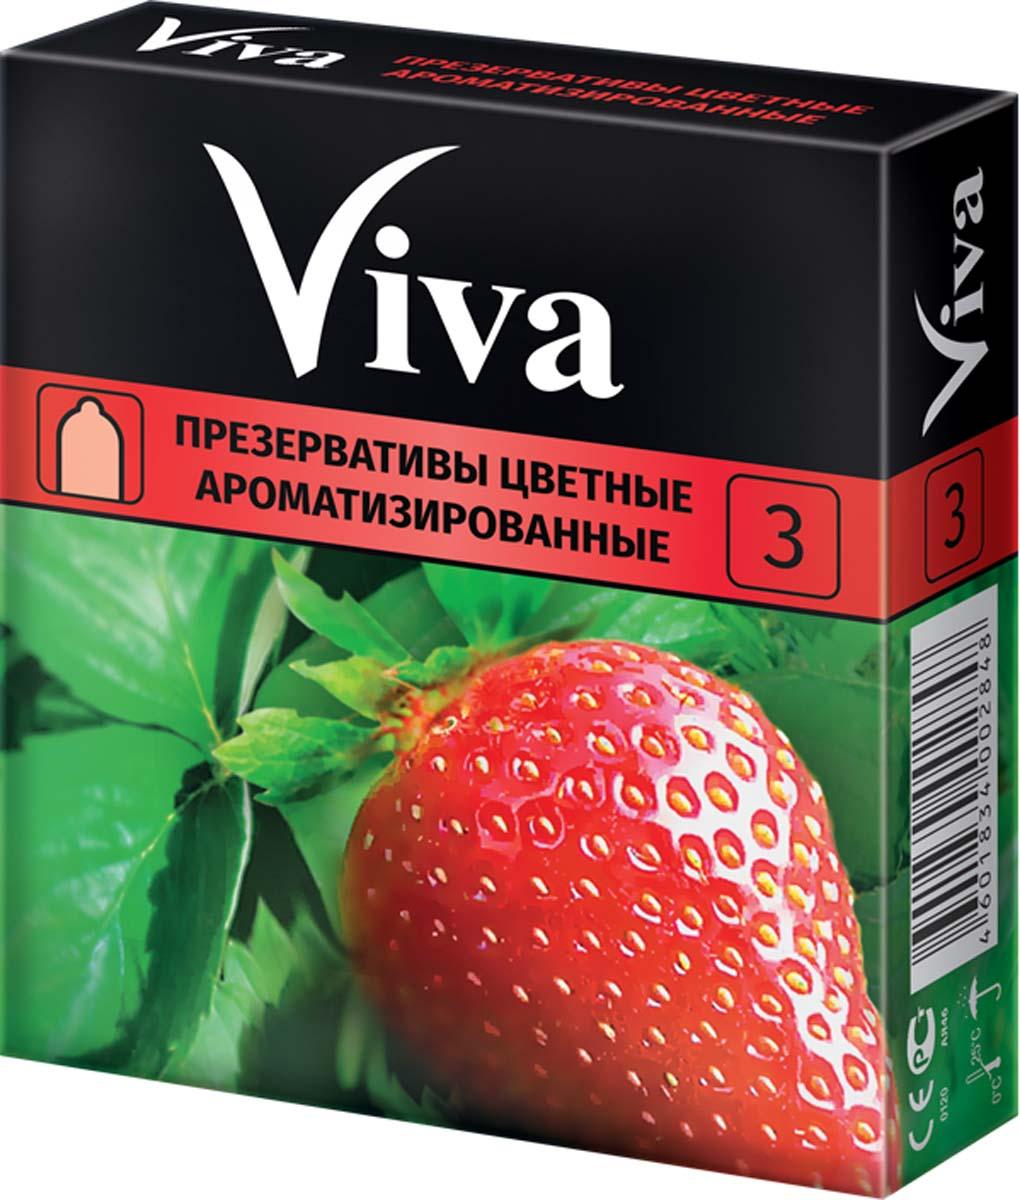 VIVA Презервативы Цветные ароматизированные, 3 шт плэйбой презервативы ароматизированные цветные n12